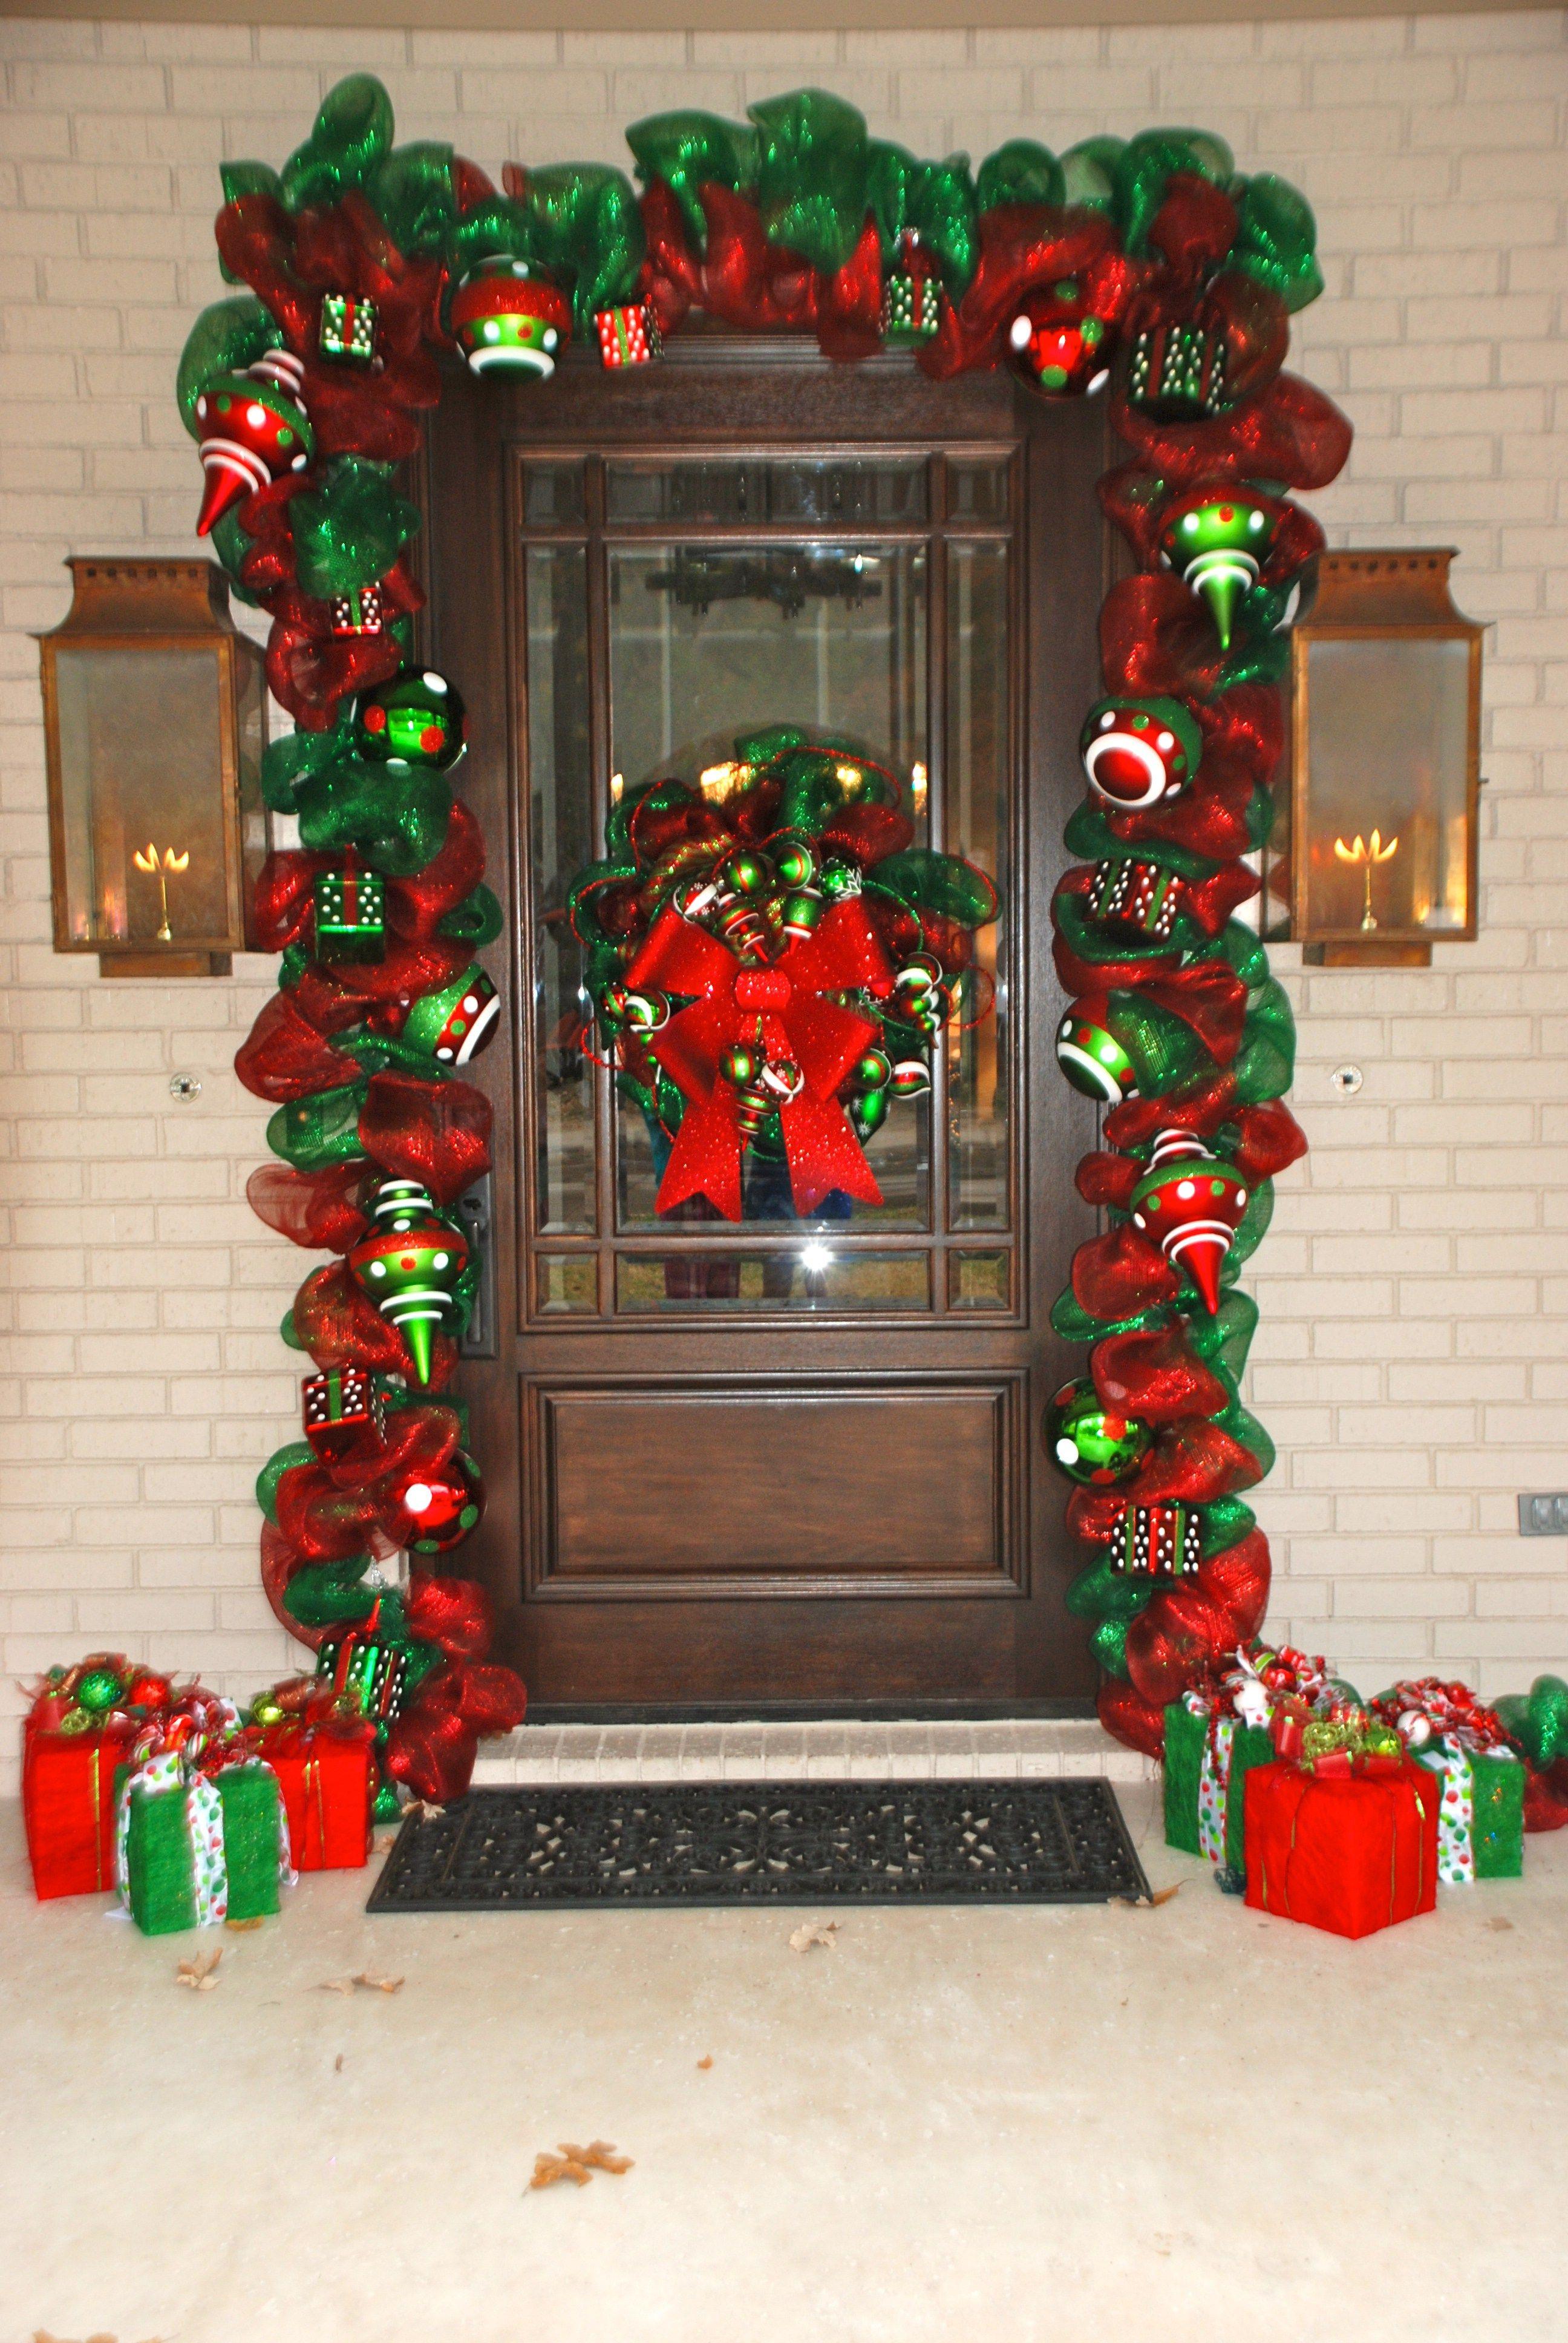 Decora la puerta de tu casa con guirnalda de malla decoraci n navide a navidad y decoraci n - Decoracion navidena de casas ...